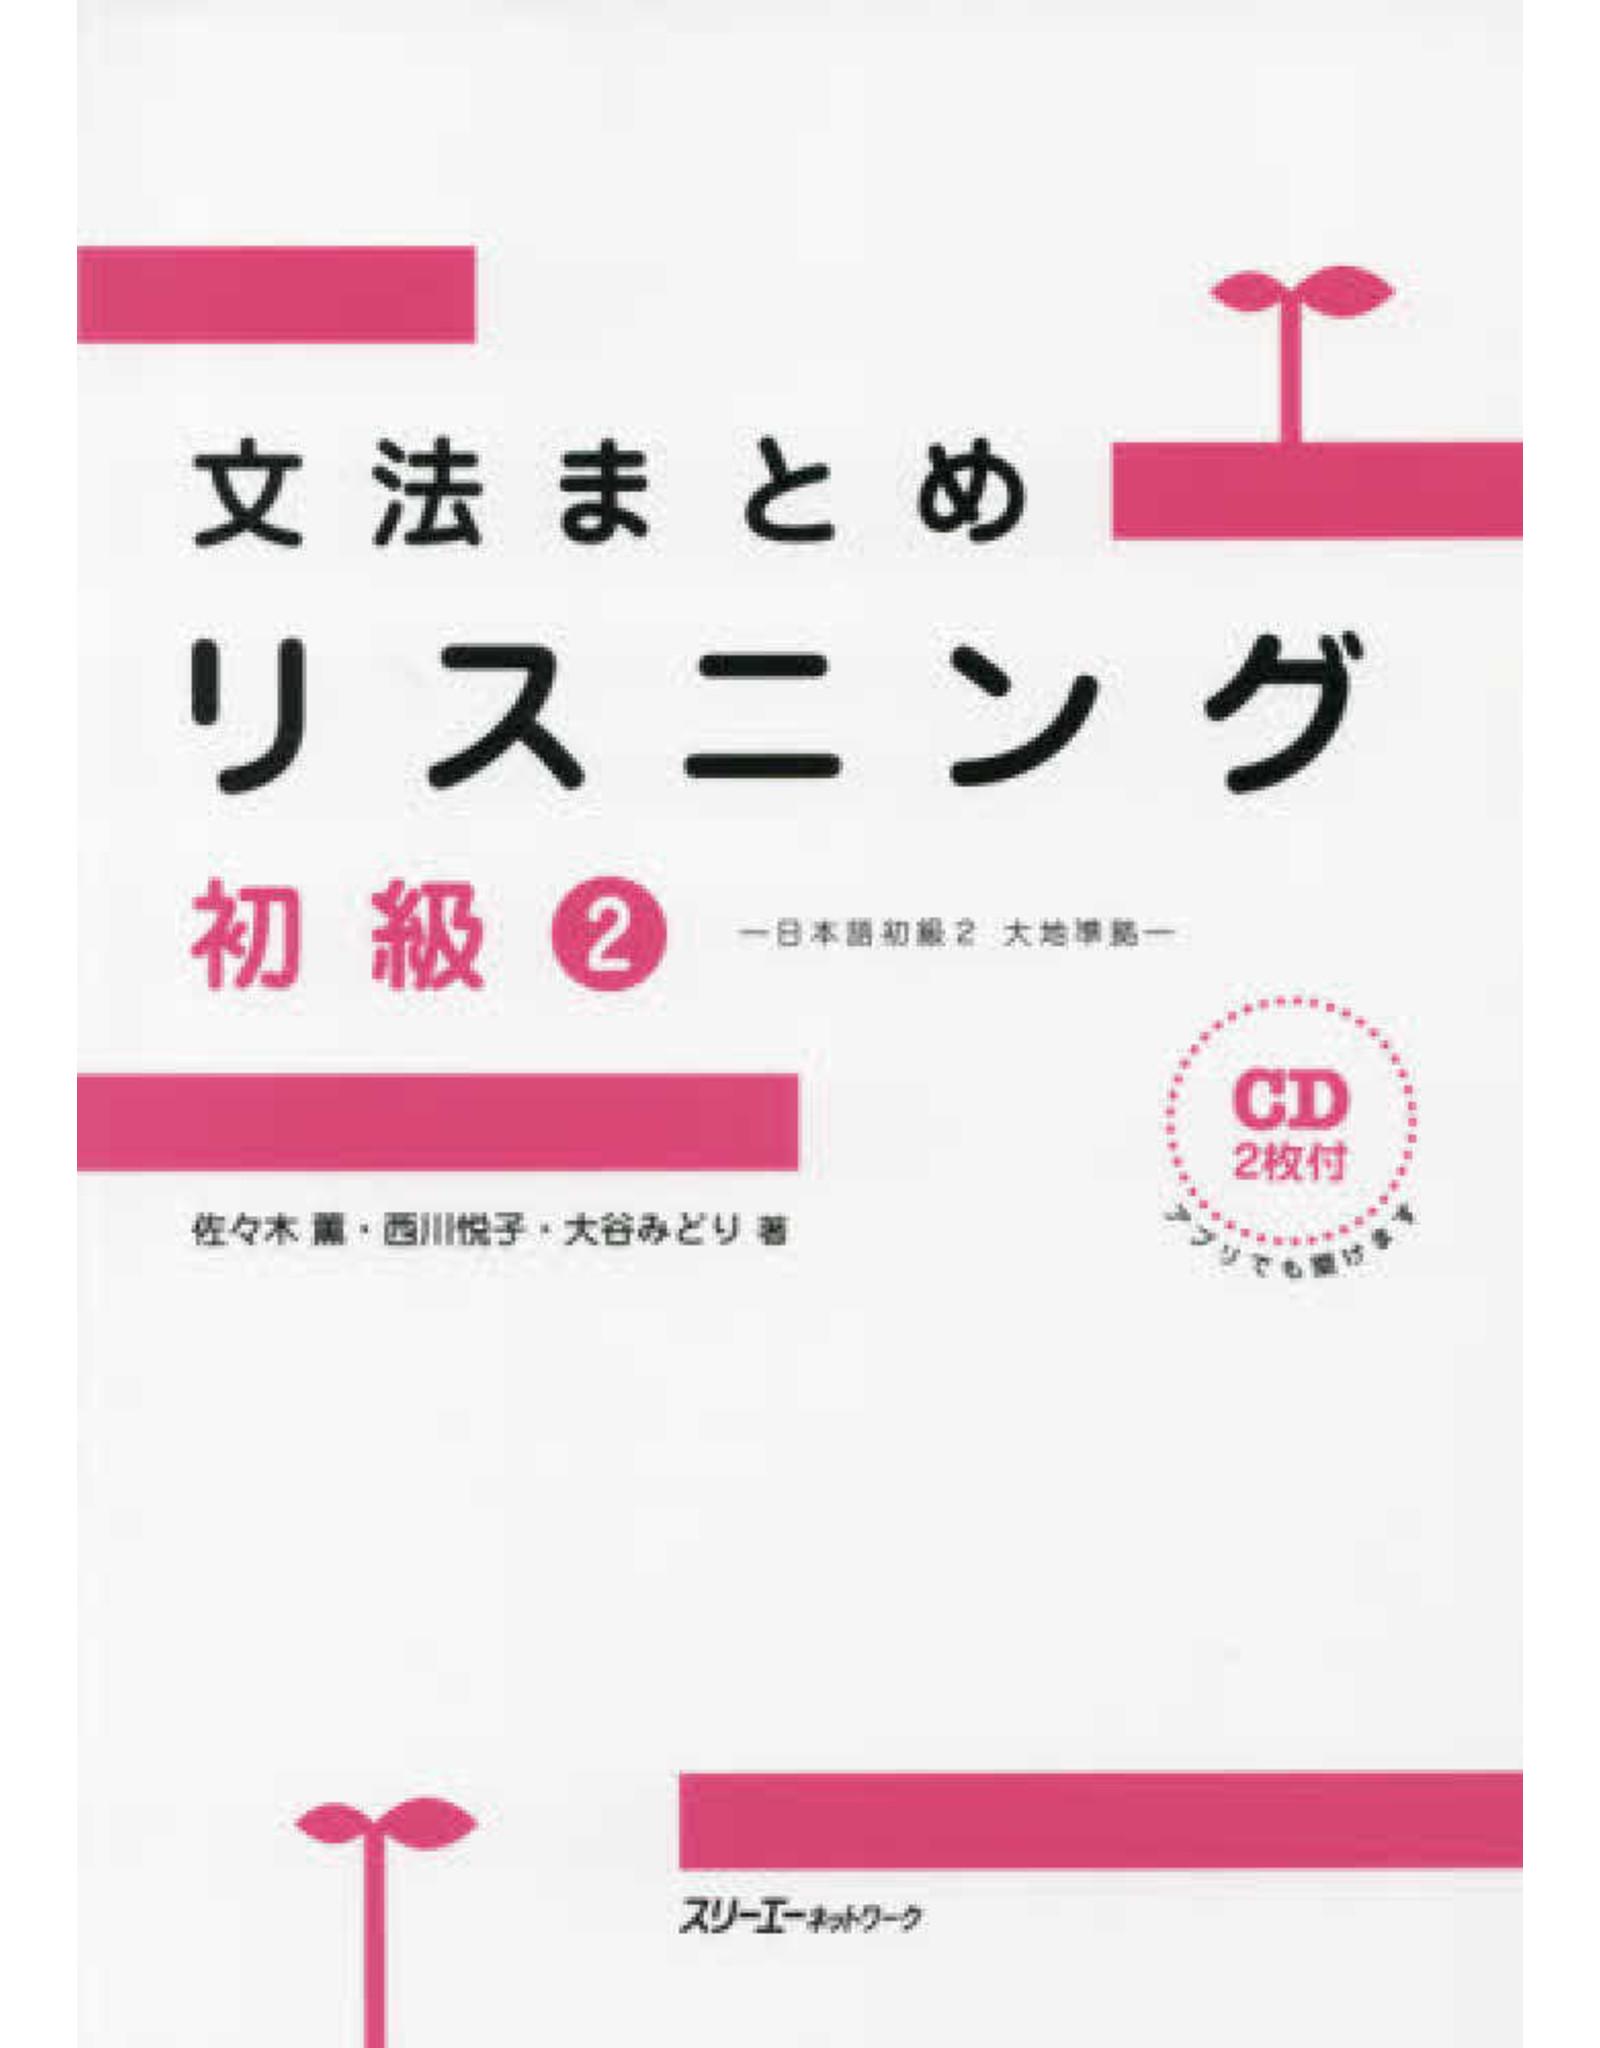 3A Corporation DAICHI: BUNPO MATOME LISTNENING SHOKYU 2